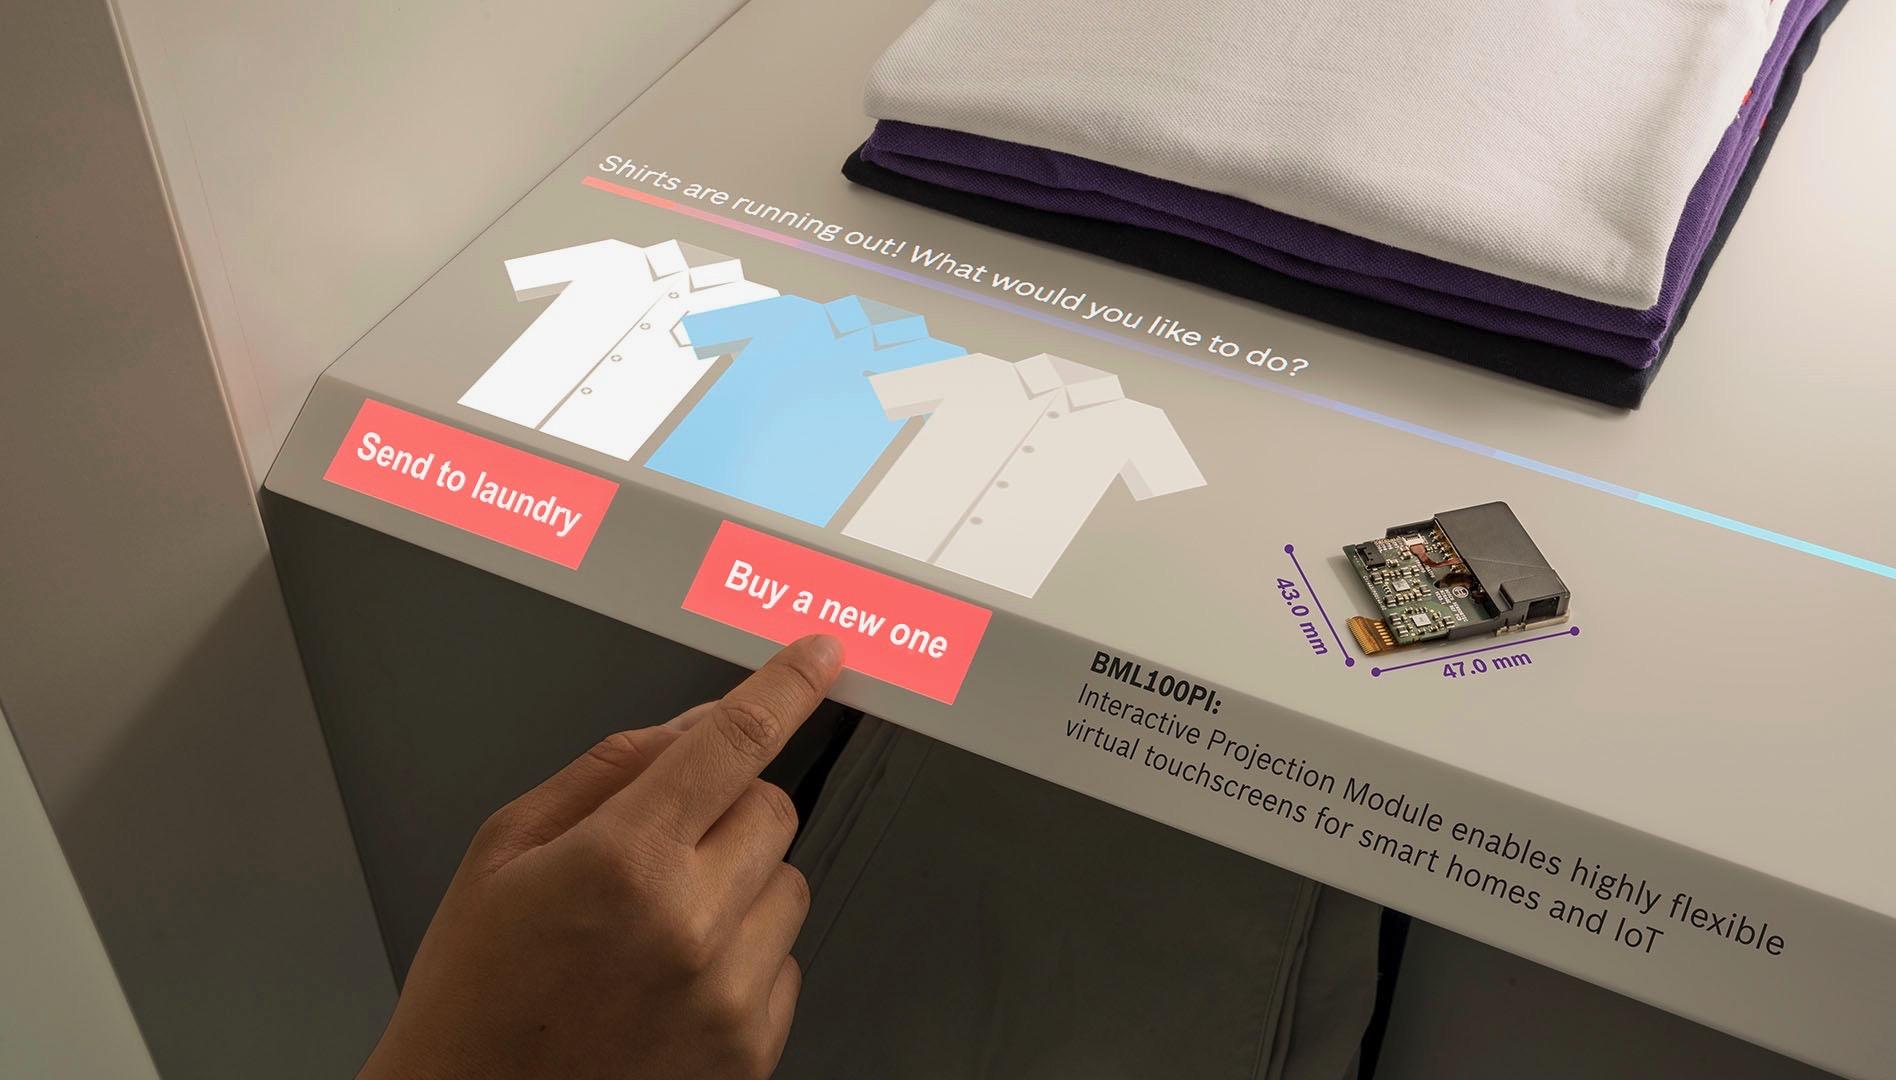 Virtueller Touchscreen für jede Oberfläche in Smart Homes und IoT